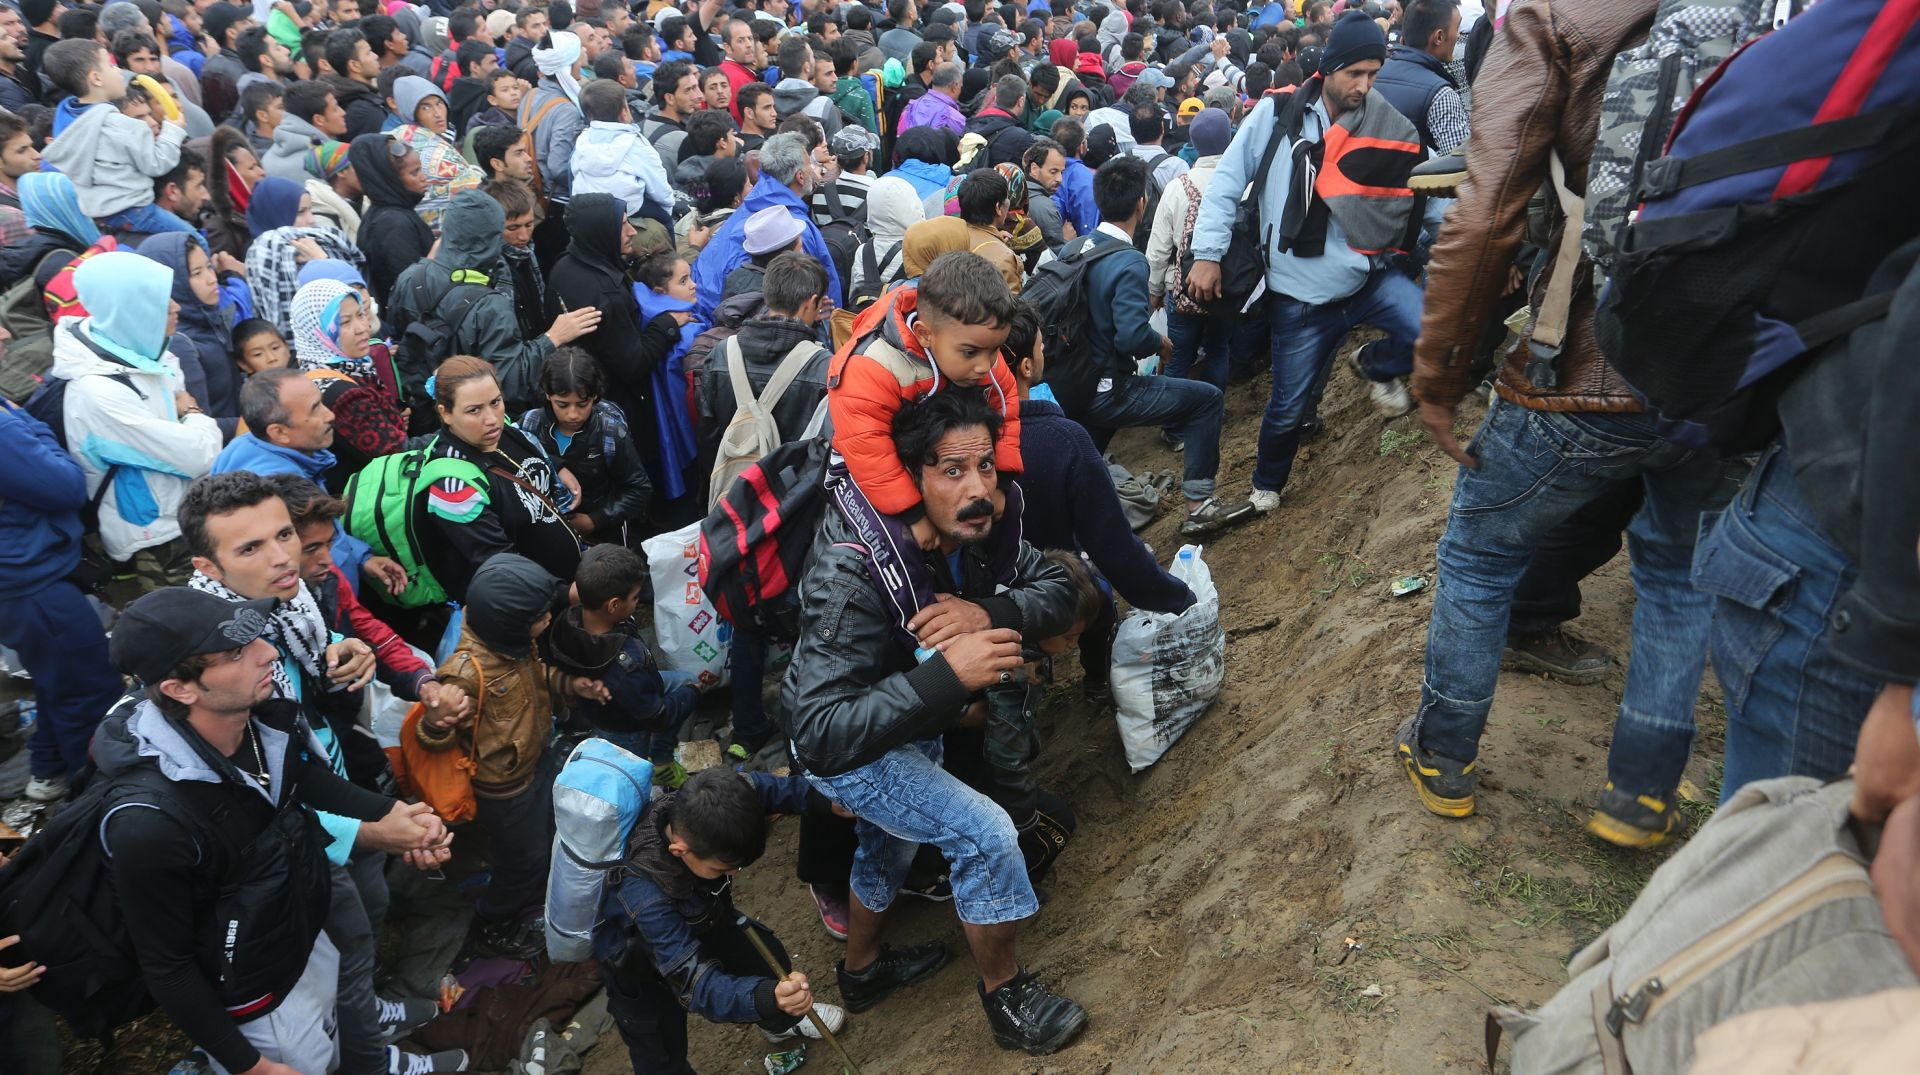 Srbijanska policija otkrila 78 ilegalnih migranata, uhićeno šest osumnjičenih krijumčara